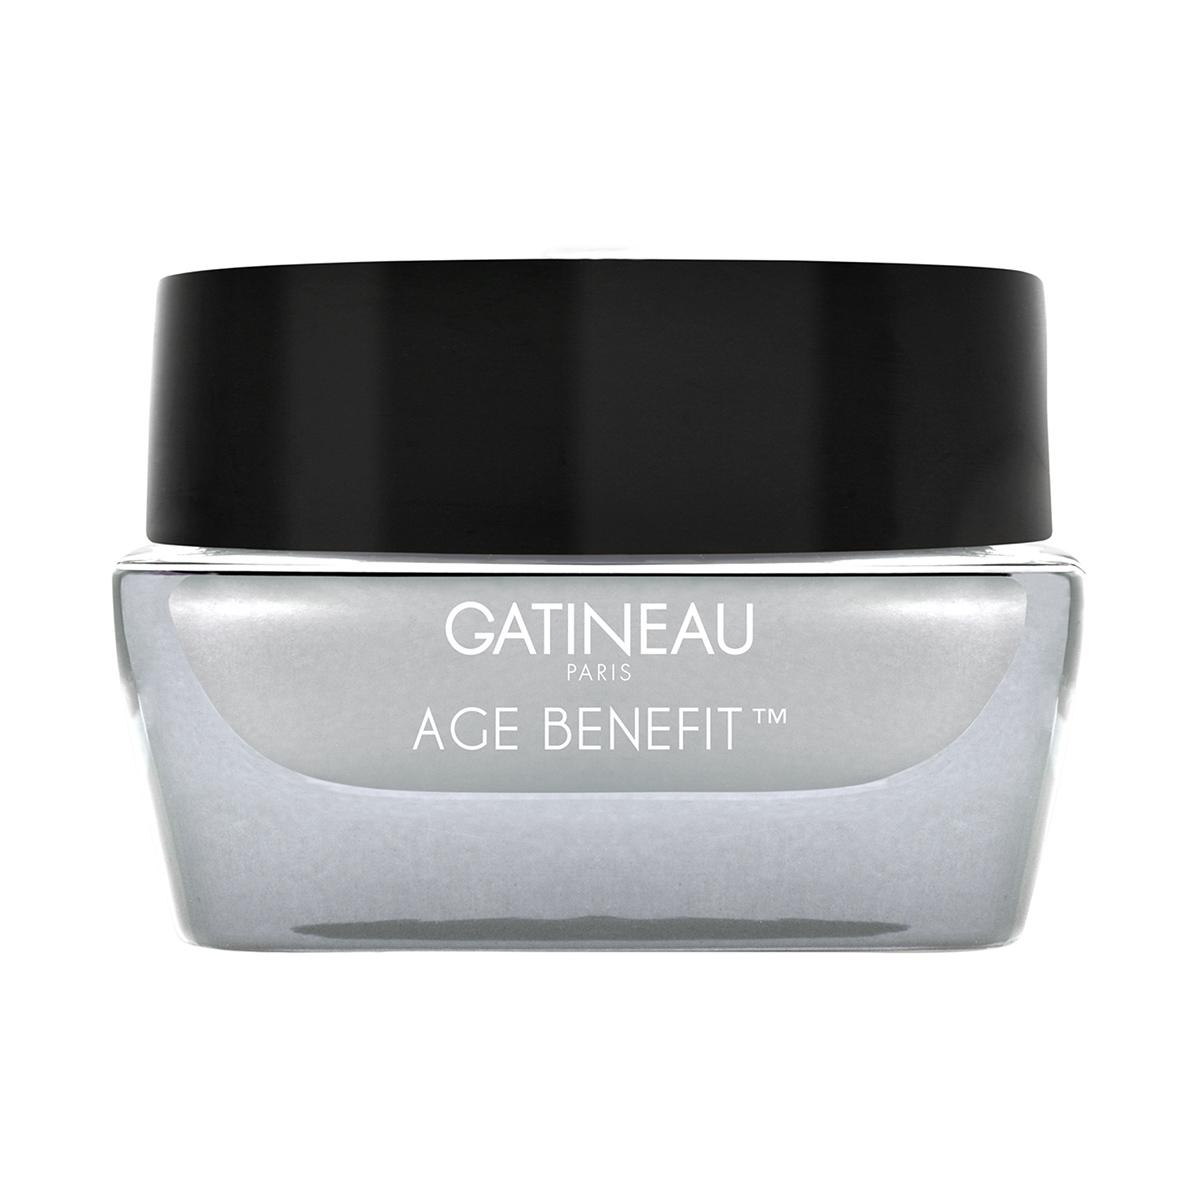 Gatineau - Age Benefit - Soin Régénérant Intégral Yeux 15 ml